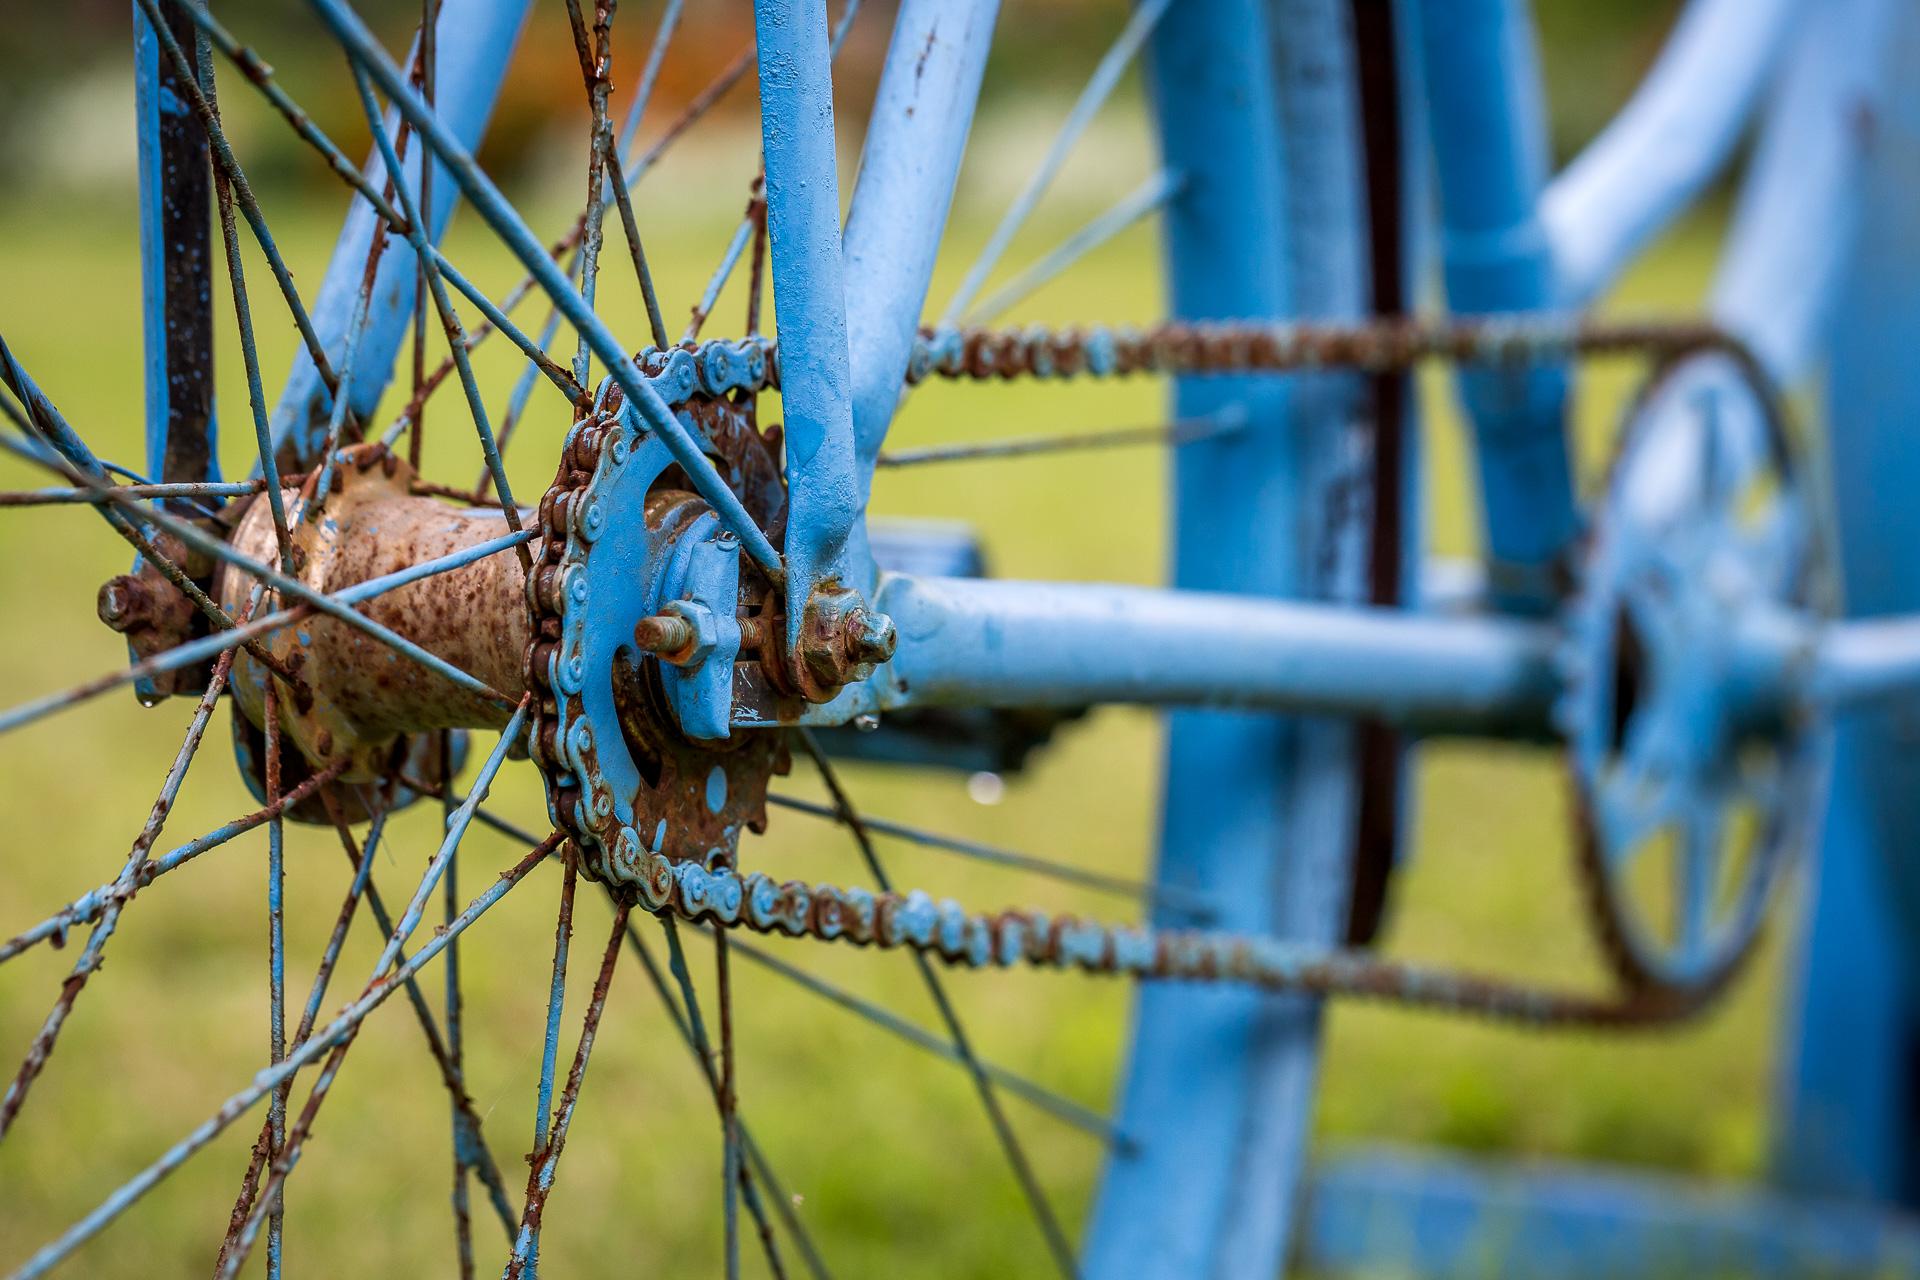 blue bike chain